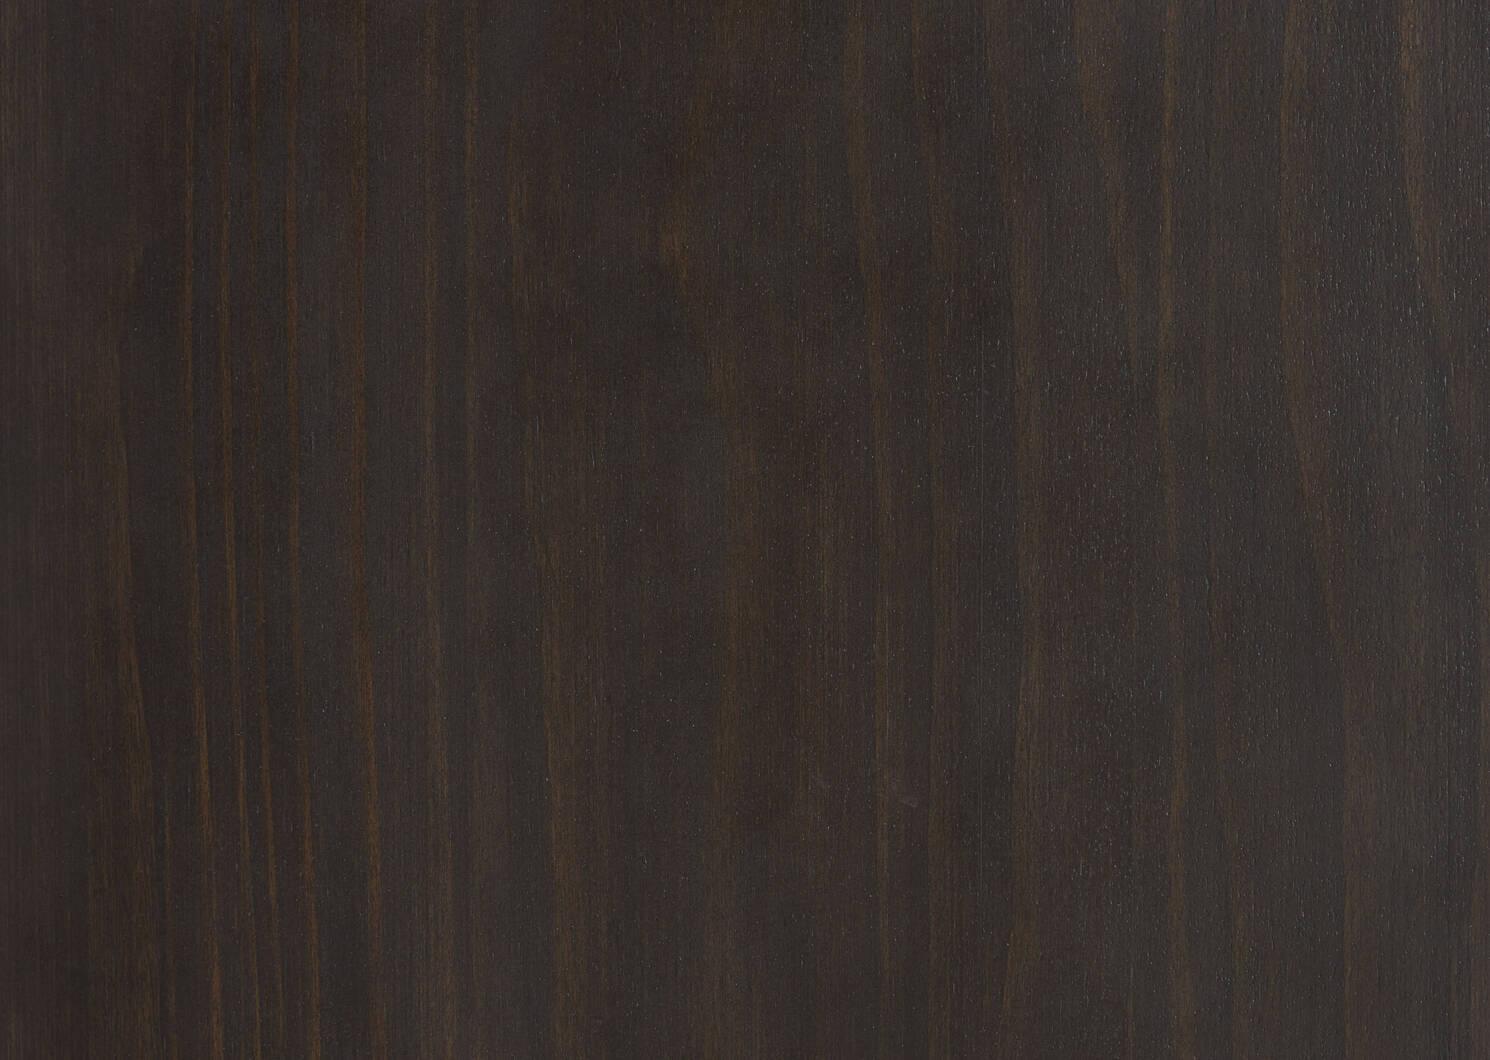 Luna 6 Drawer Dresser -Stone Cocoa